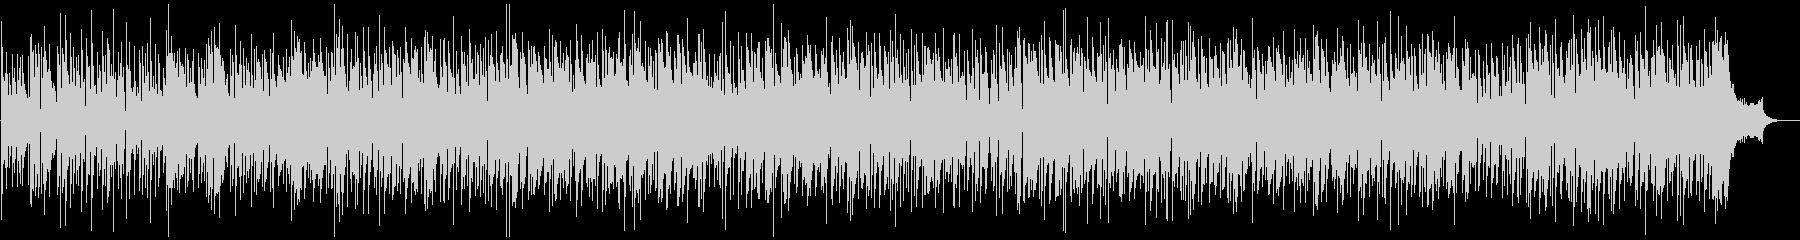 ブルージーなフィドルの未再生の波形